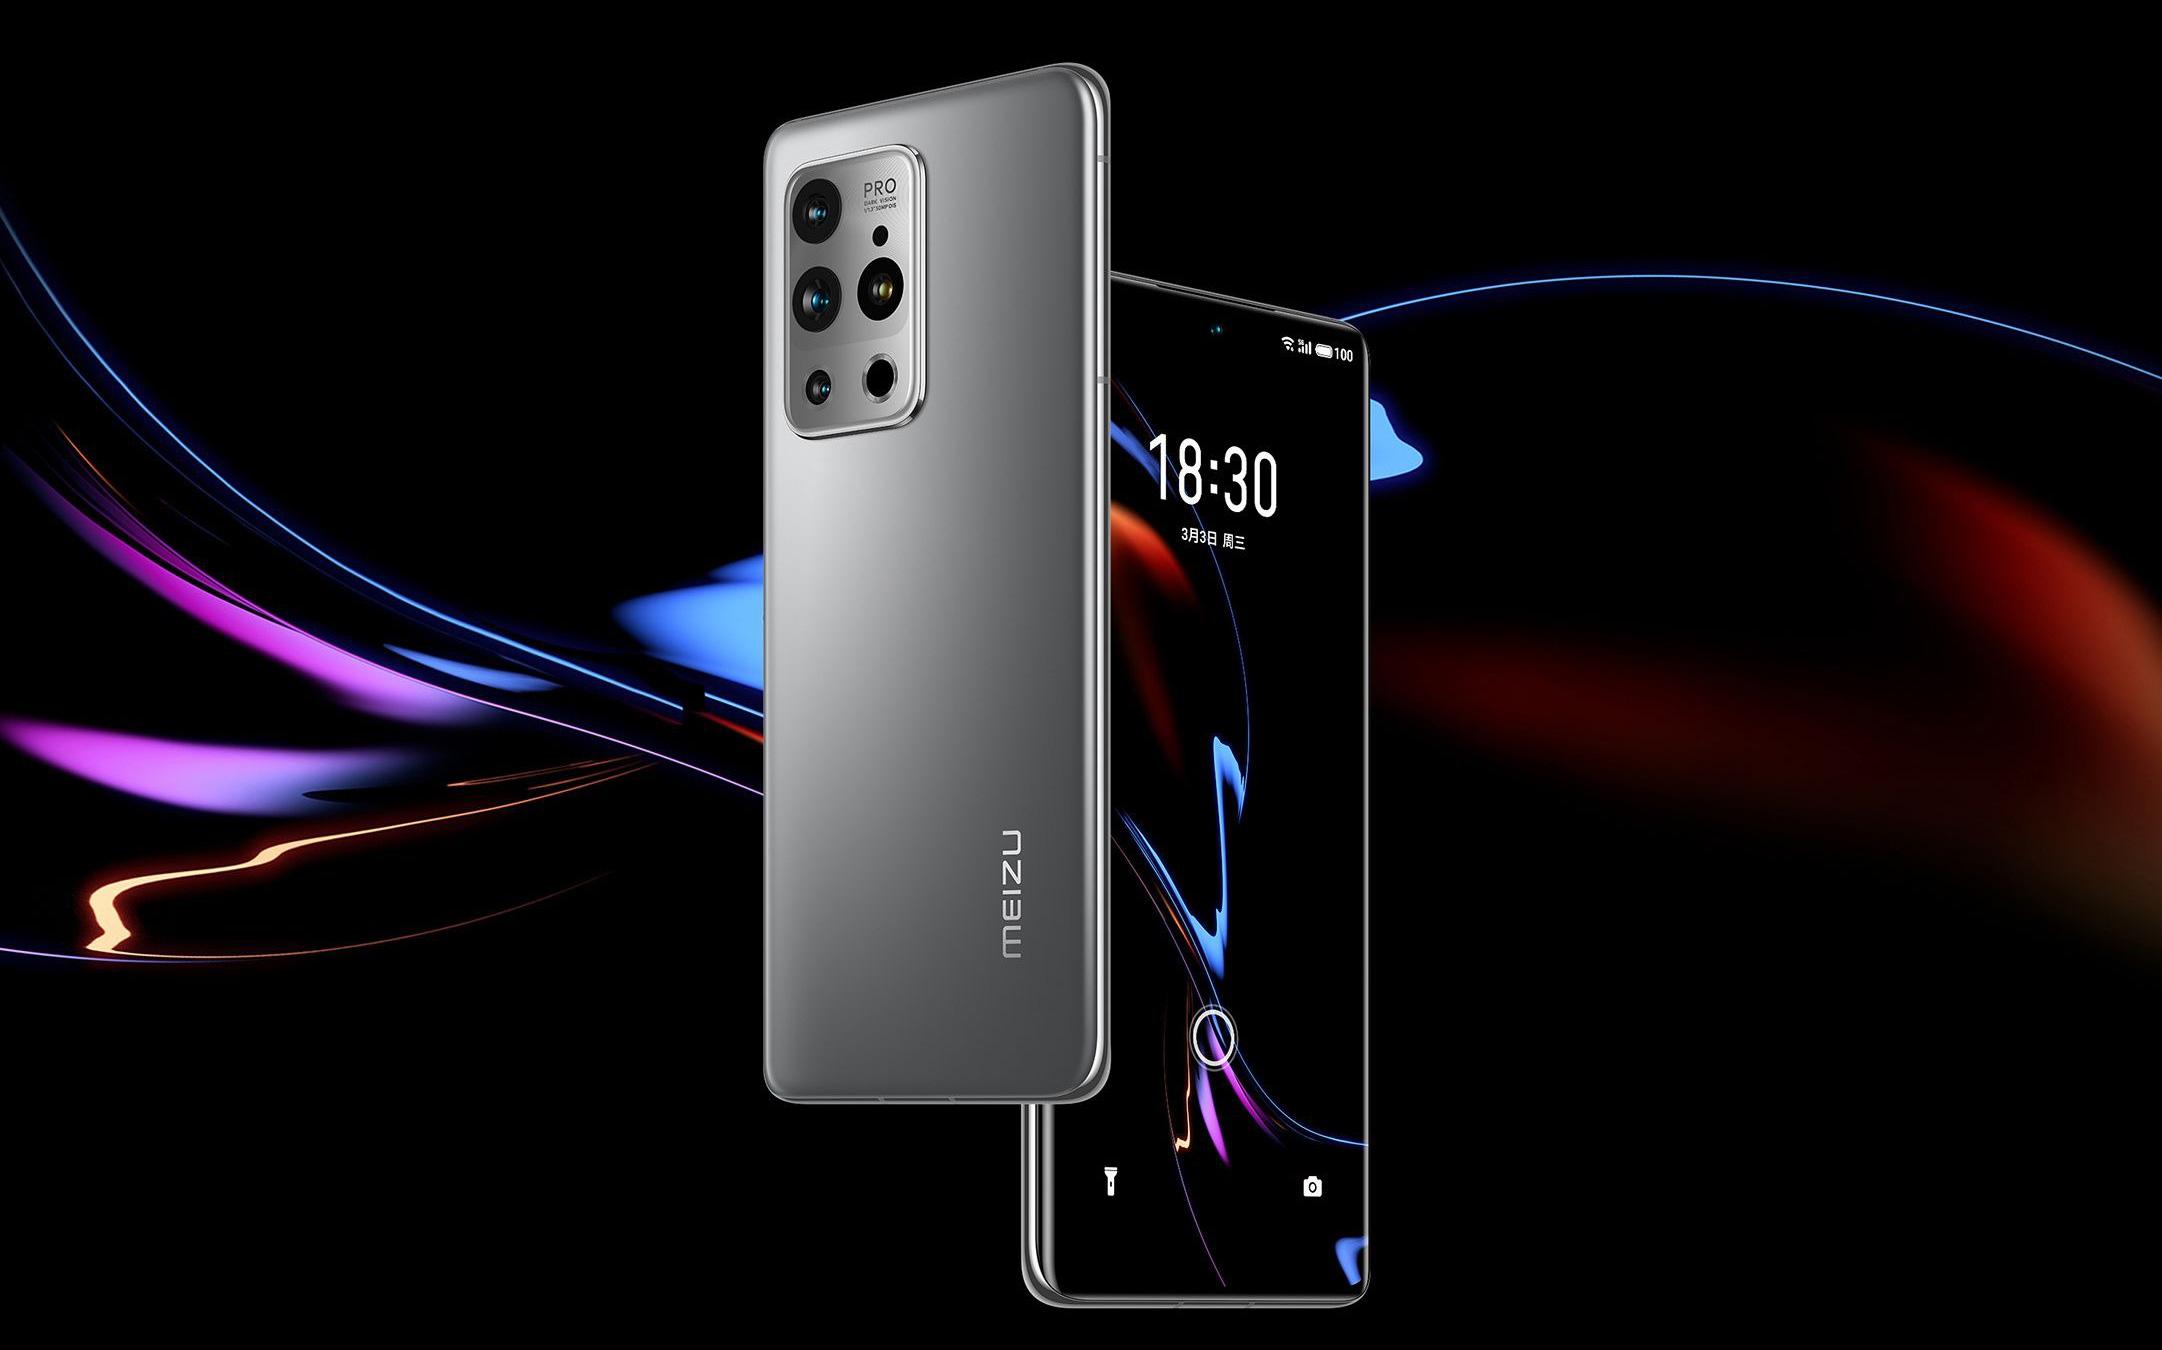 Meizu 18 và 18 Pro ra mắt: Màn hình cong 120Hz, Snapdragon 888, camera cao cấp, giá từ 15.7 triệu đồng